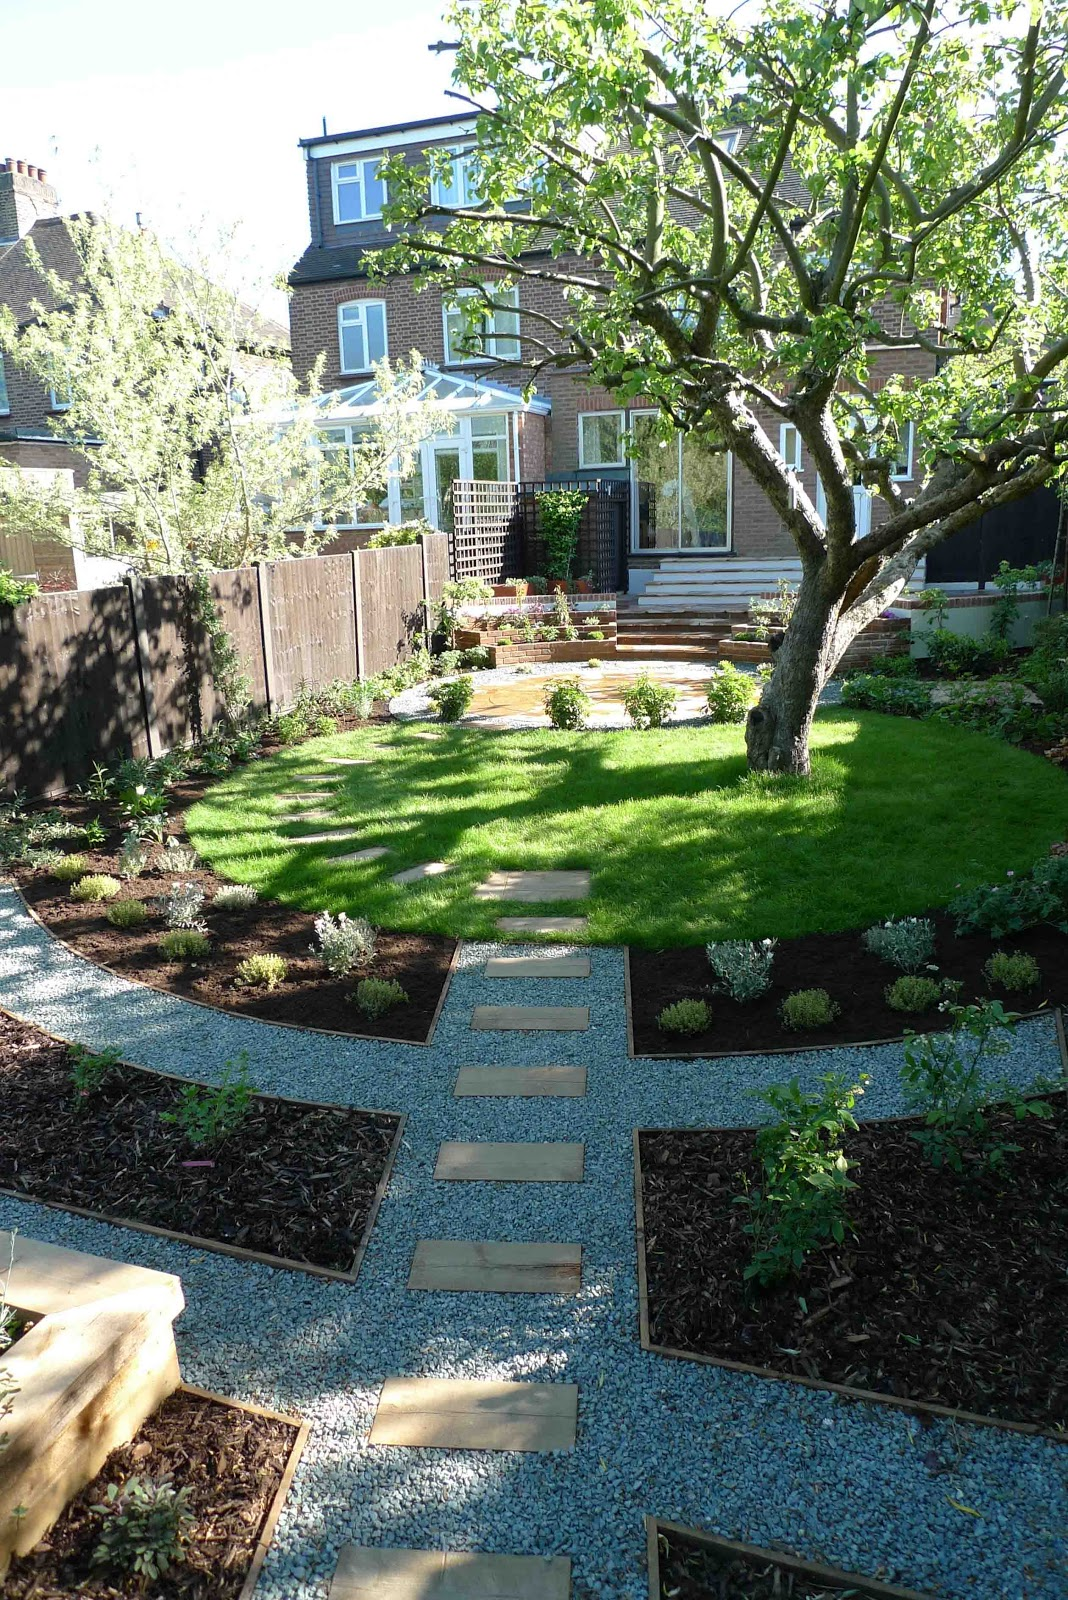 Best Modern Garden Design by Amir Schlezinger